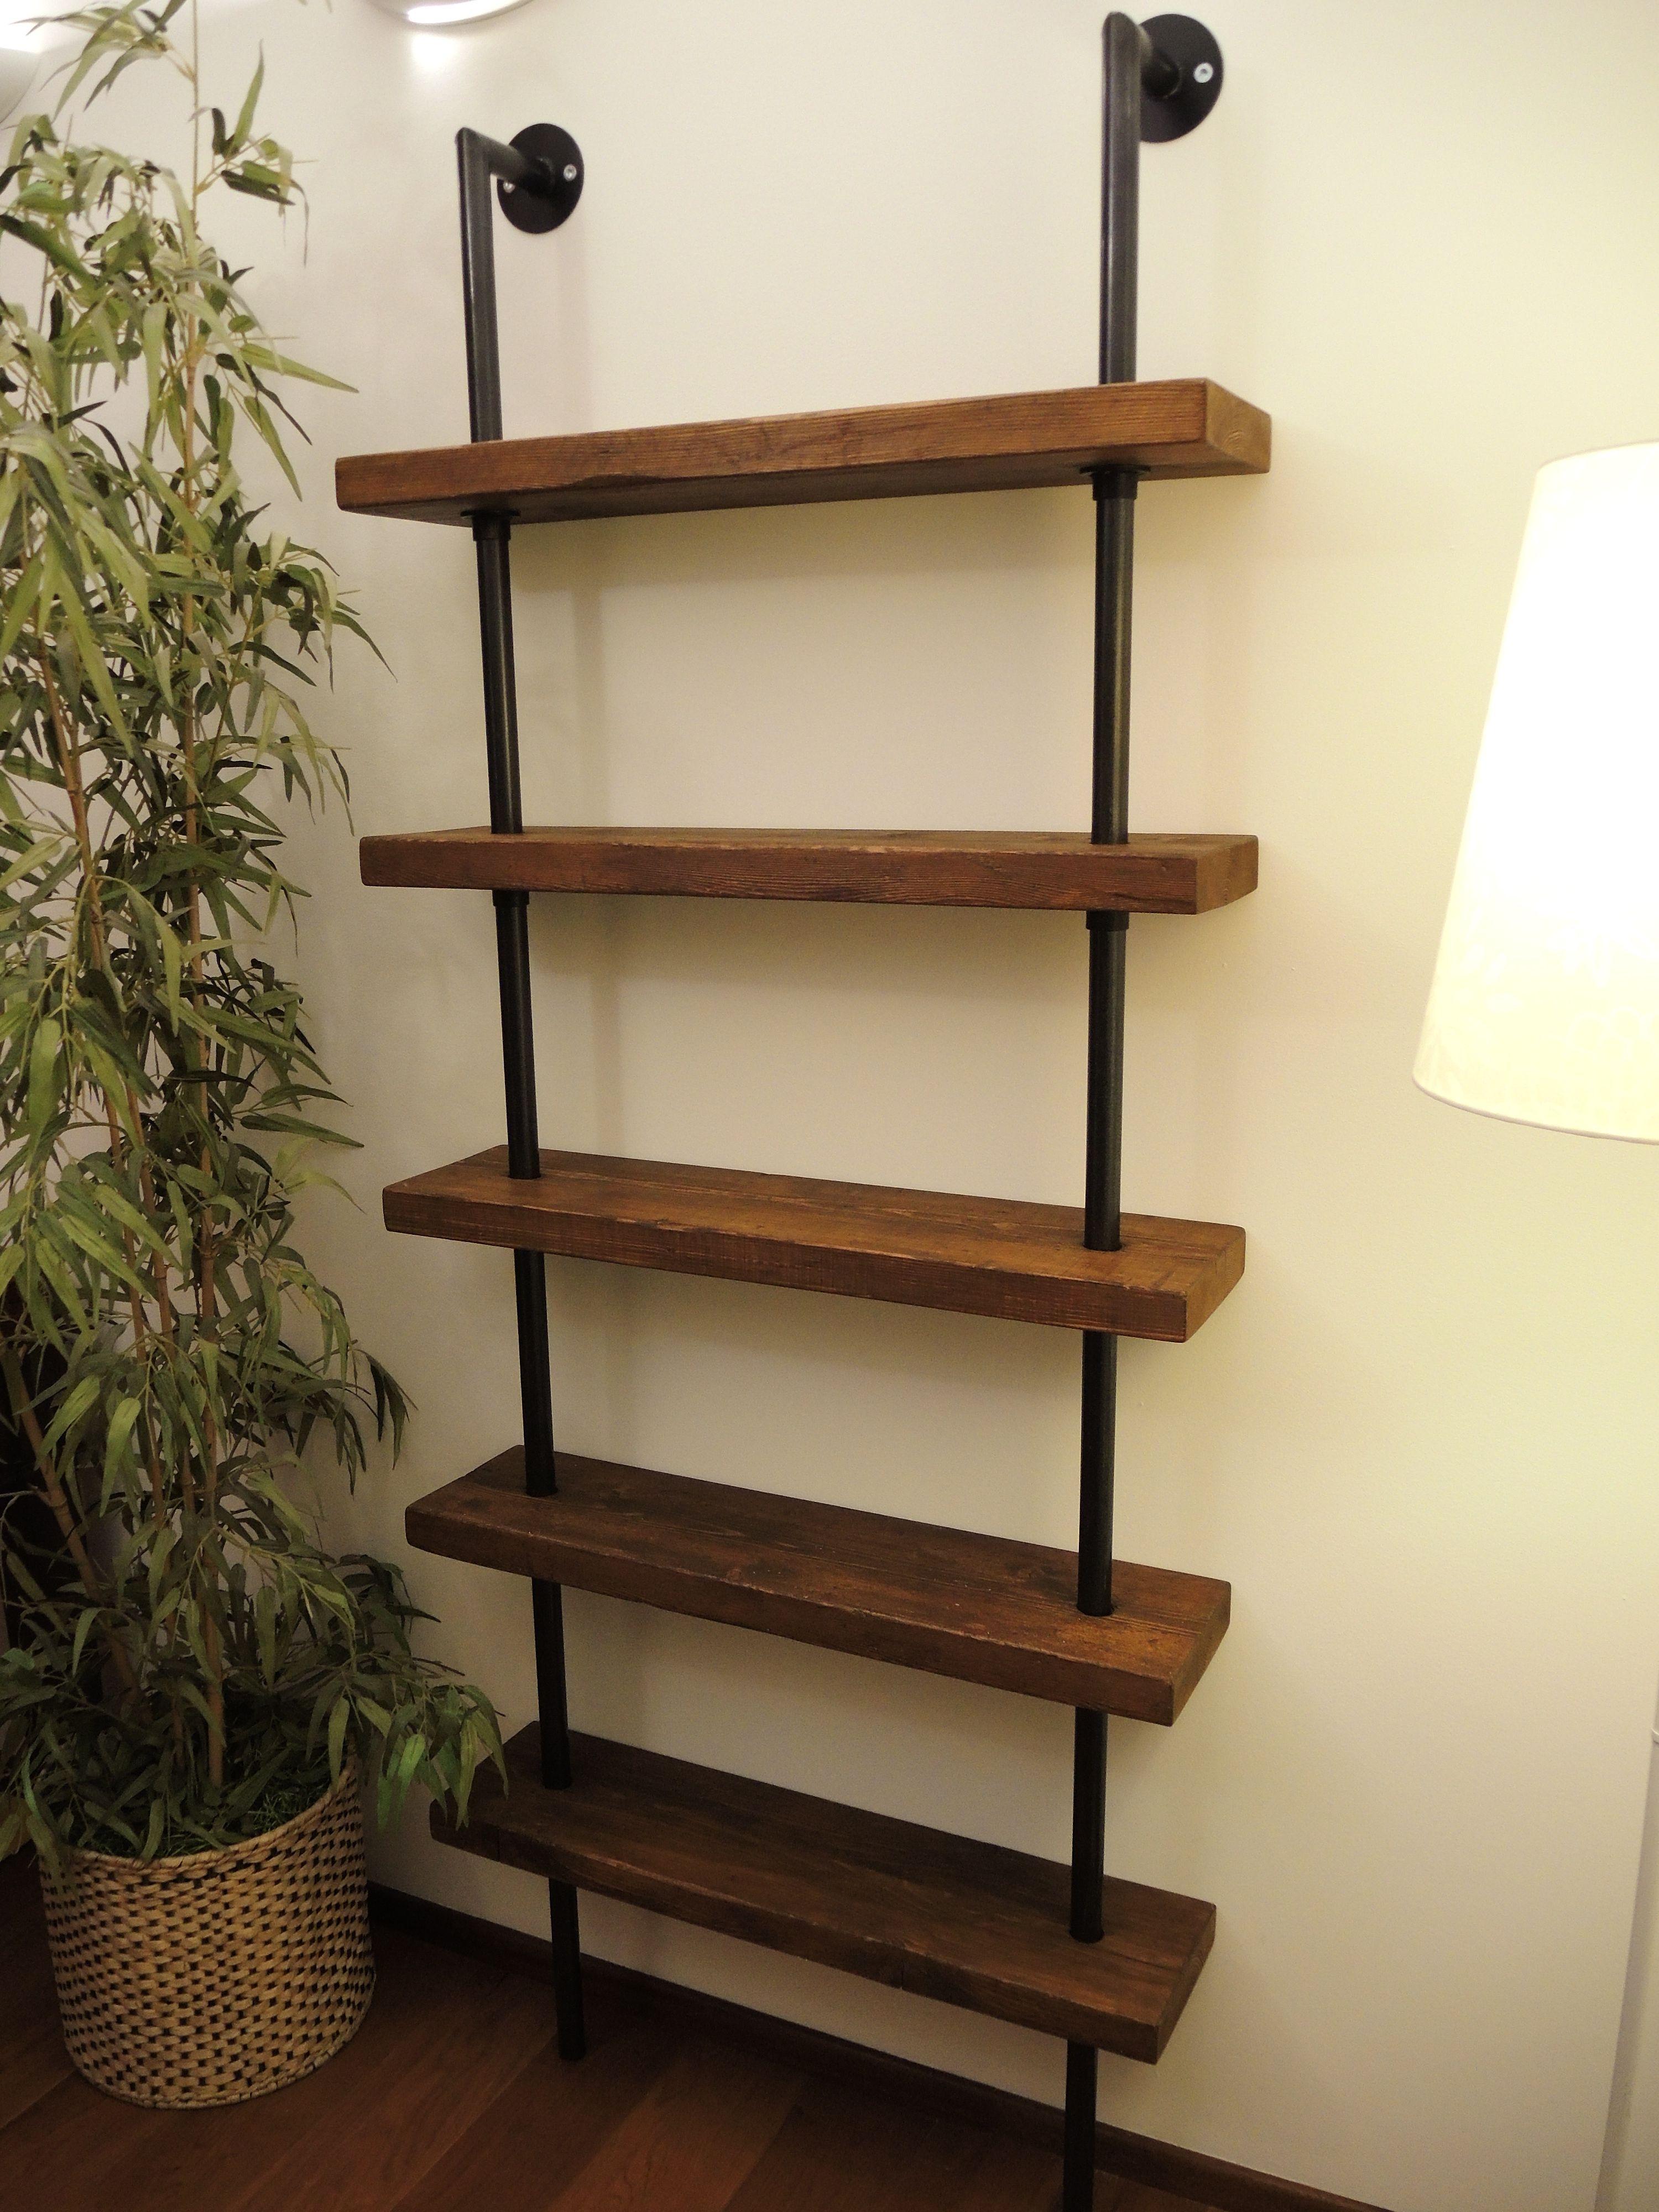 Librerie industrial realizzate con vecchie assi da ponteggio ...